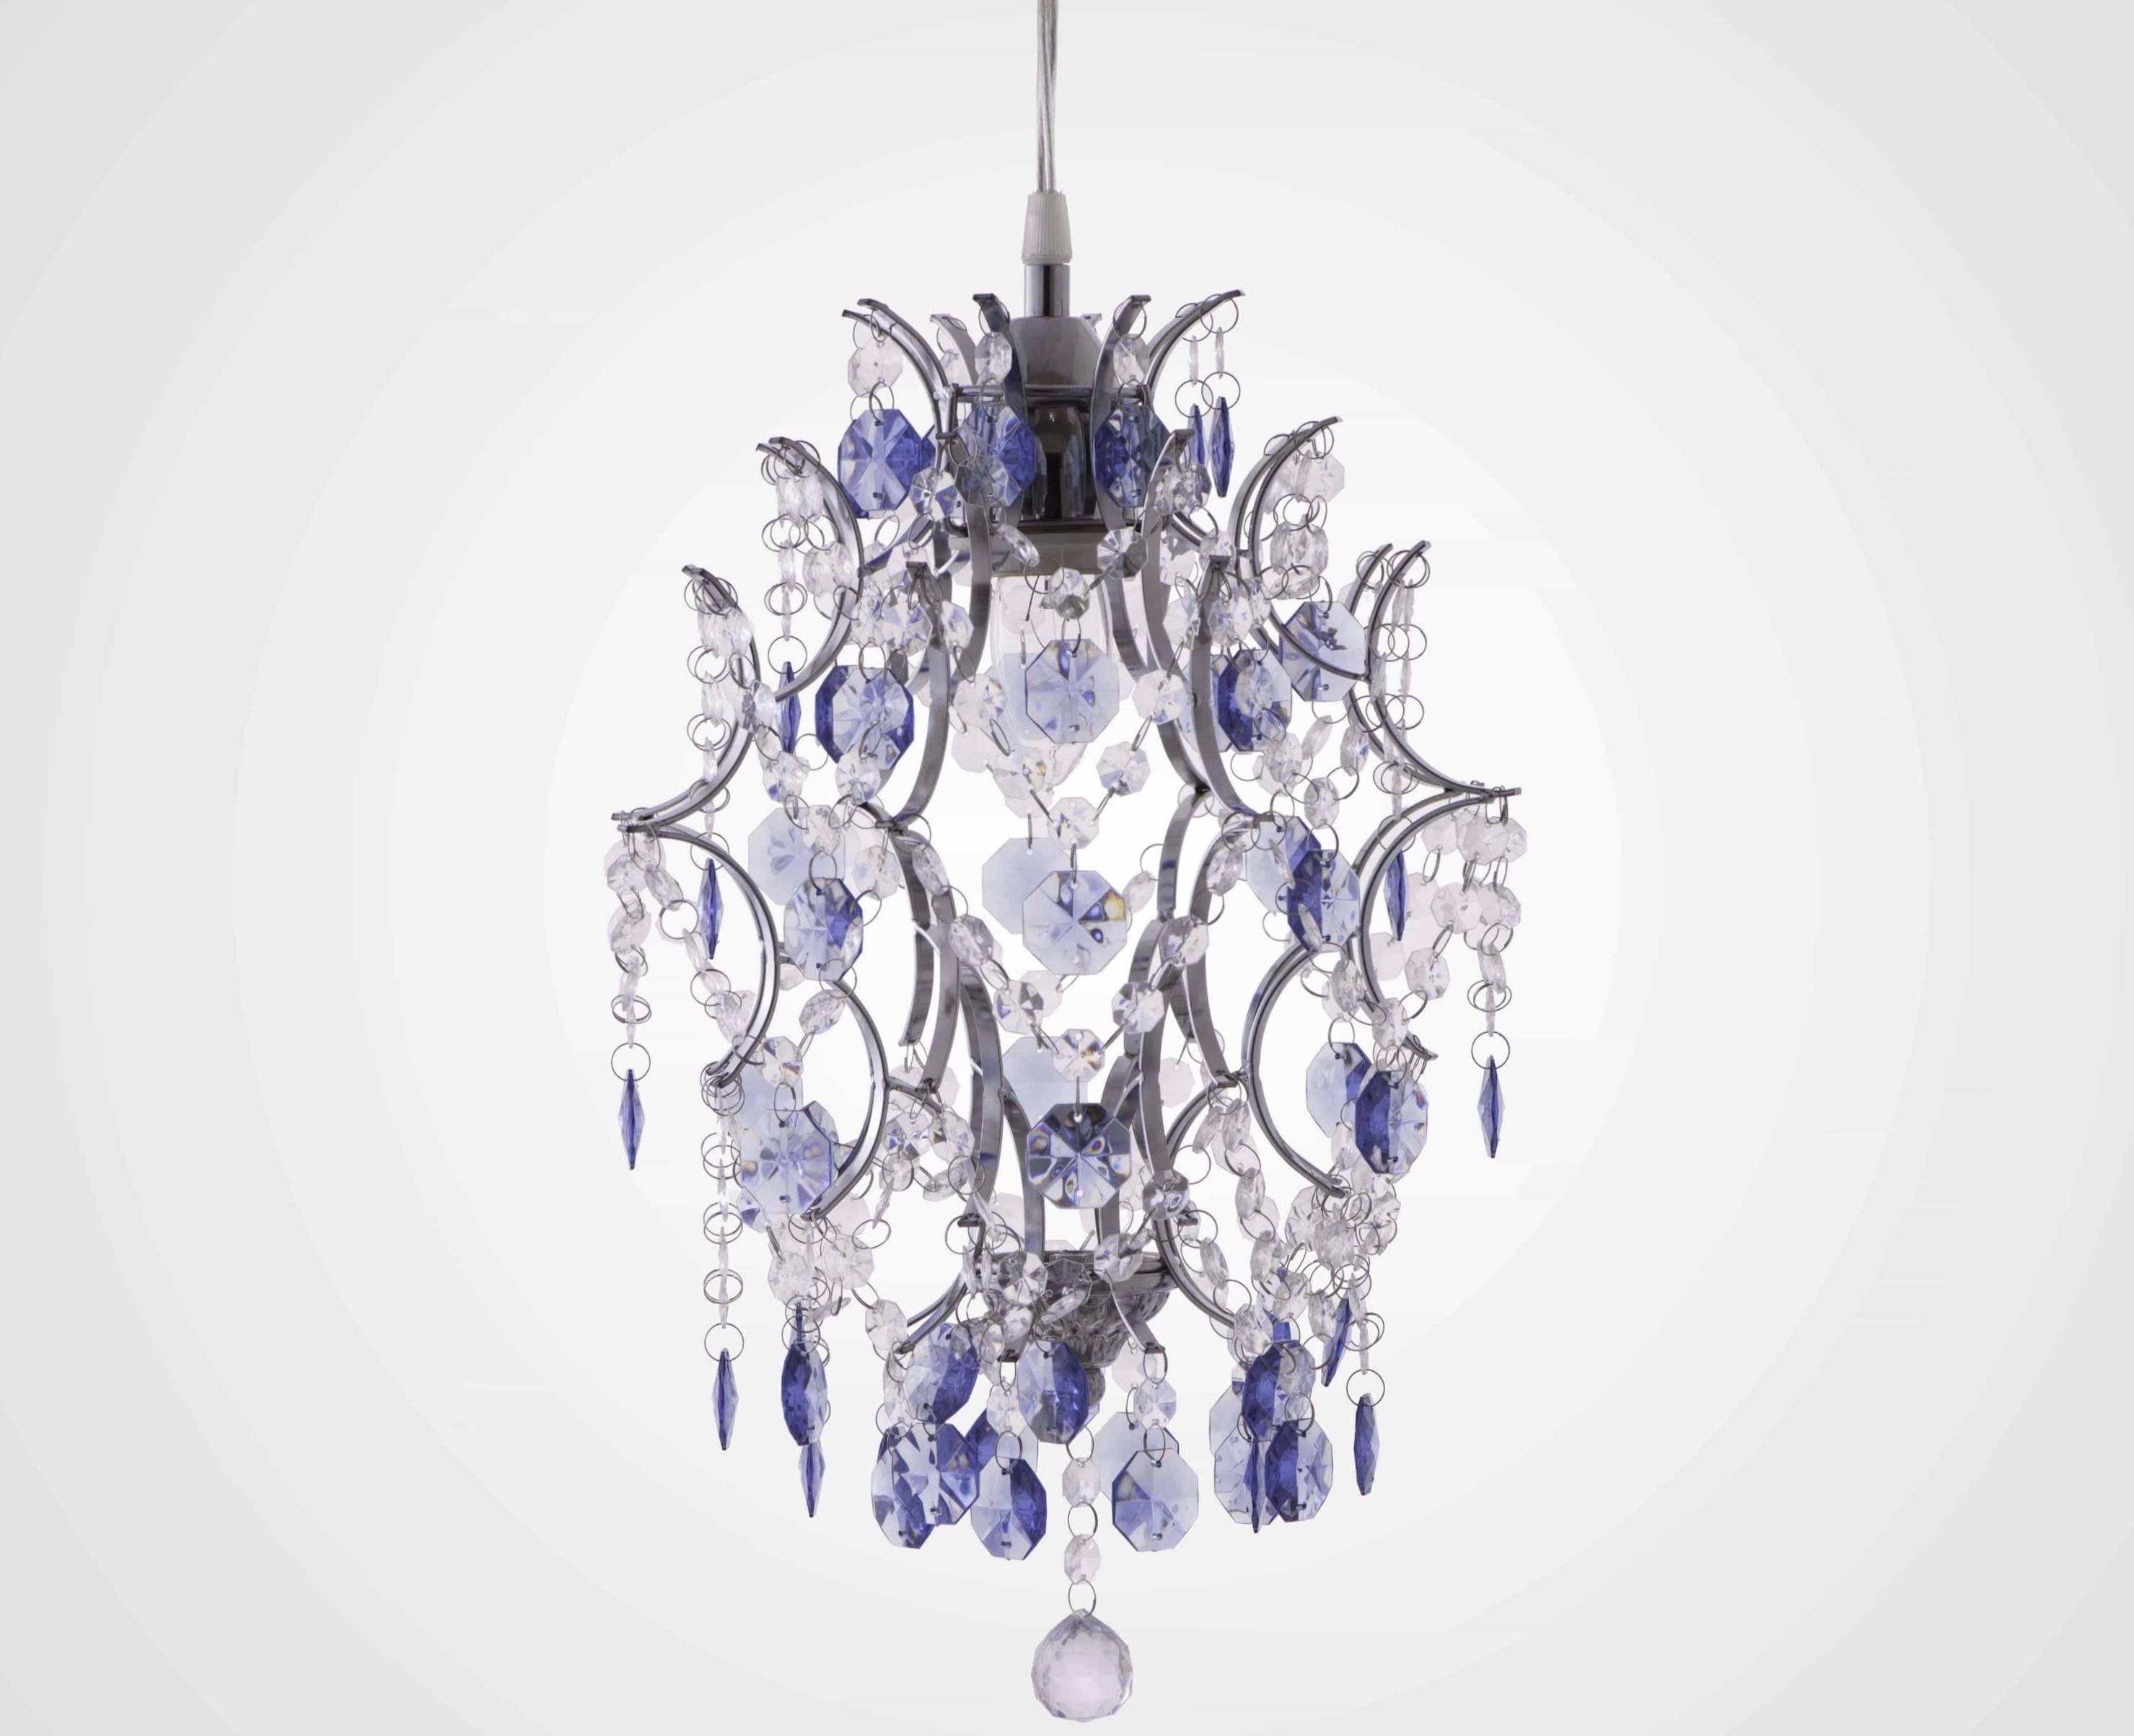 優雅鍍鉻架壓克力珠吊燈-BNL00044